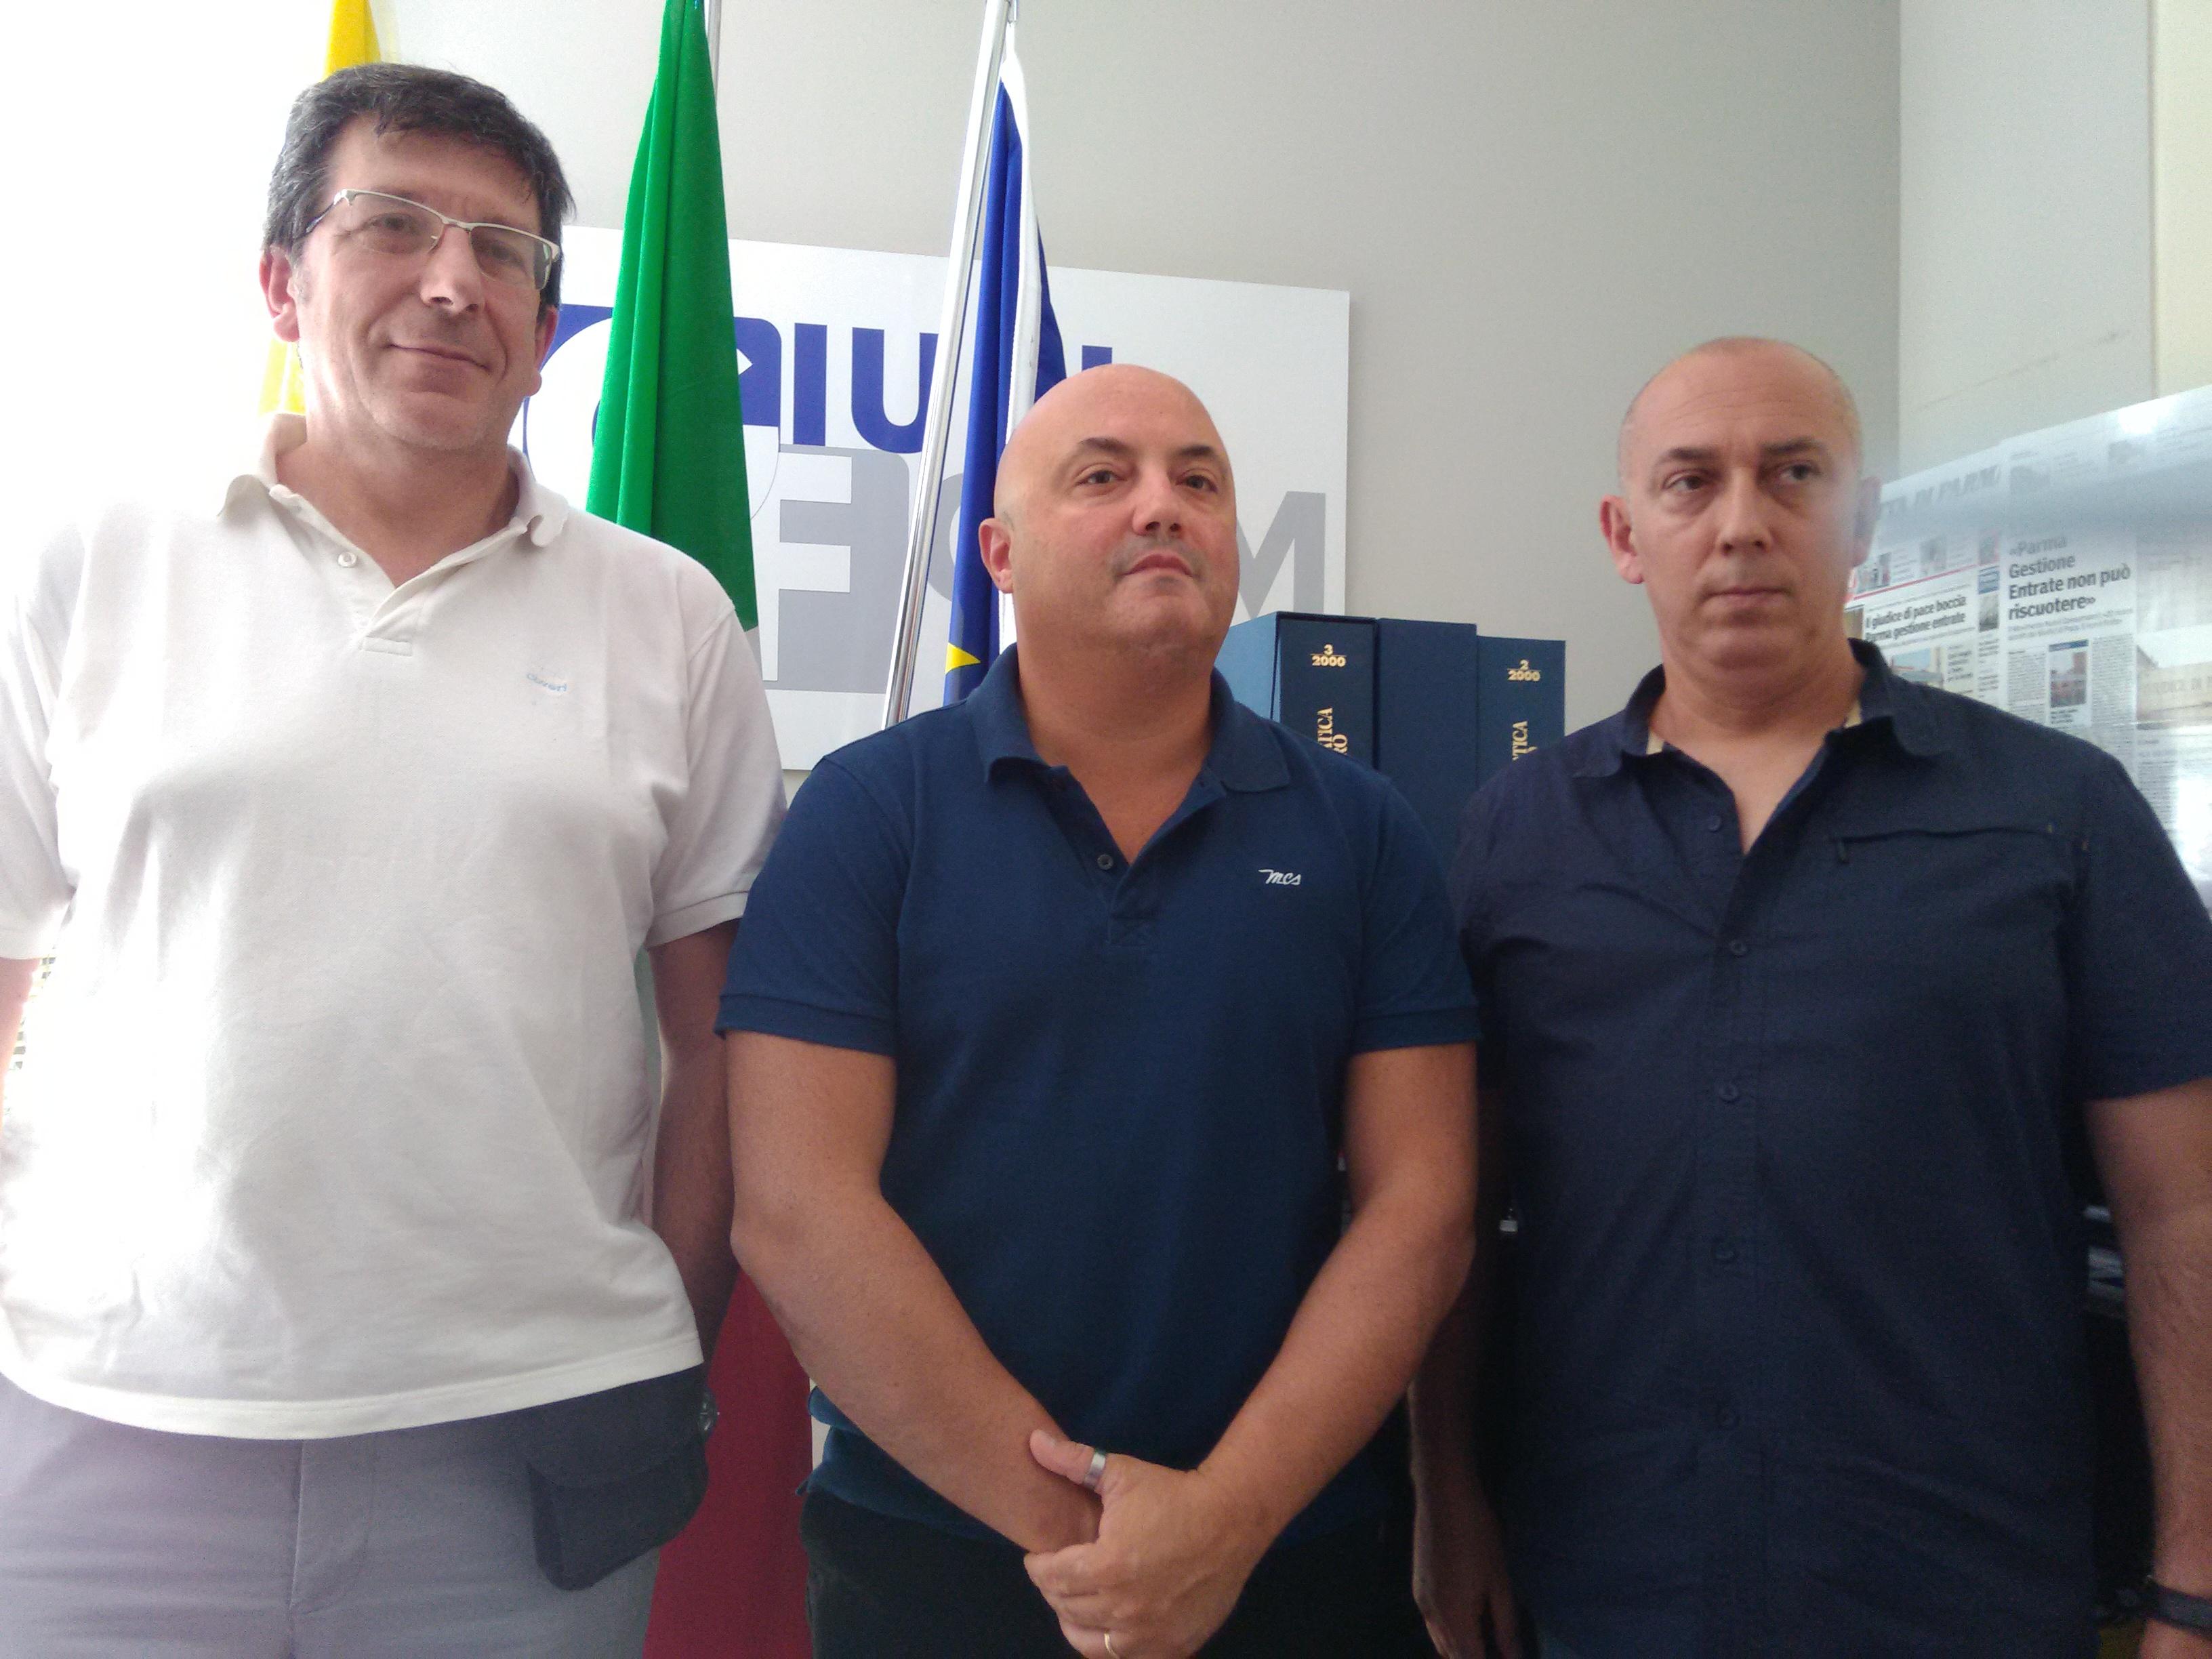 Legionella a Parma, inchiesta per omicidio colposo